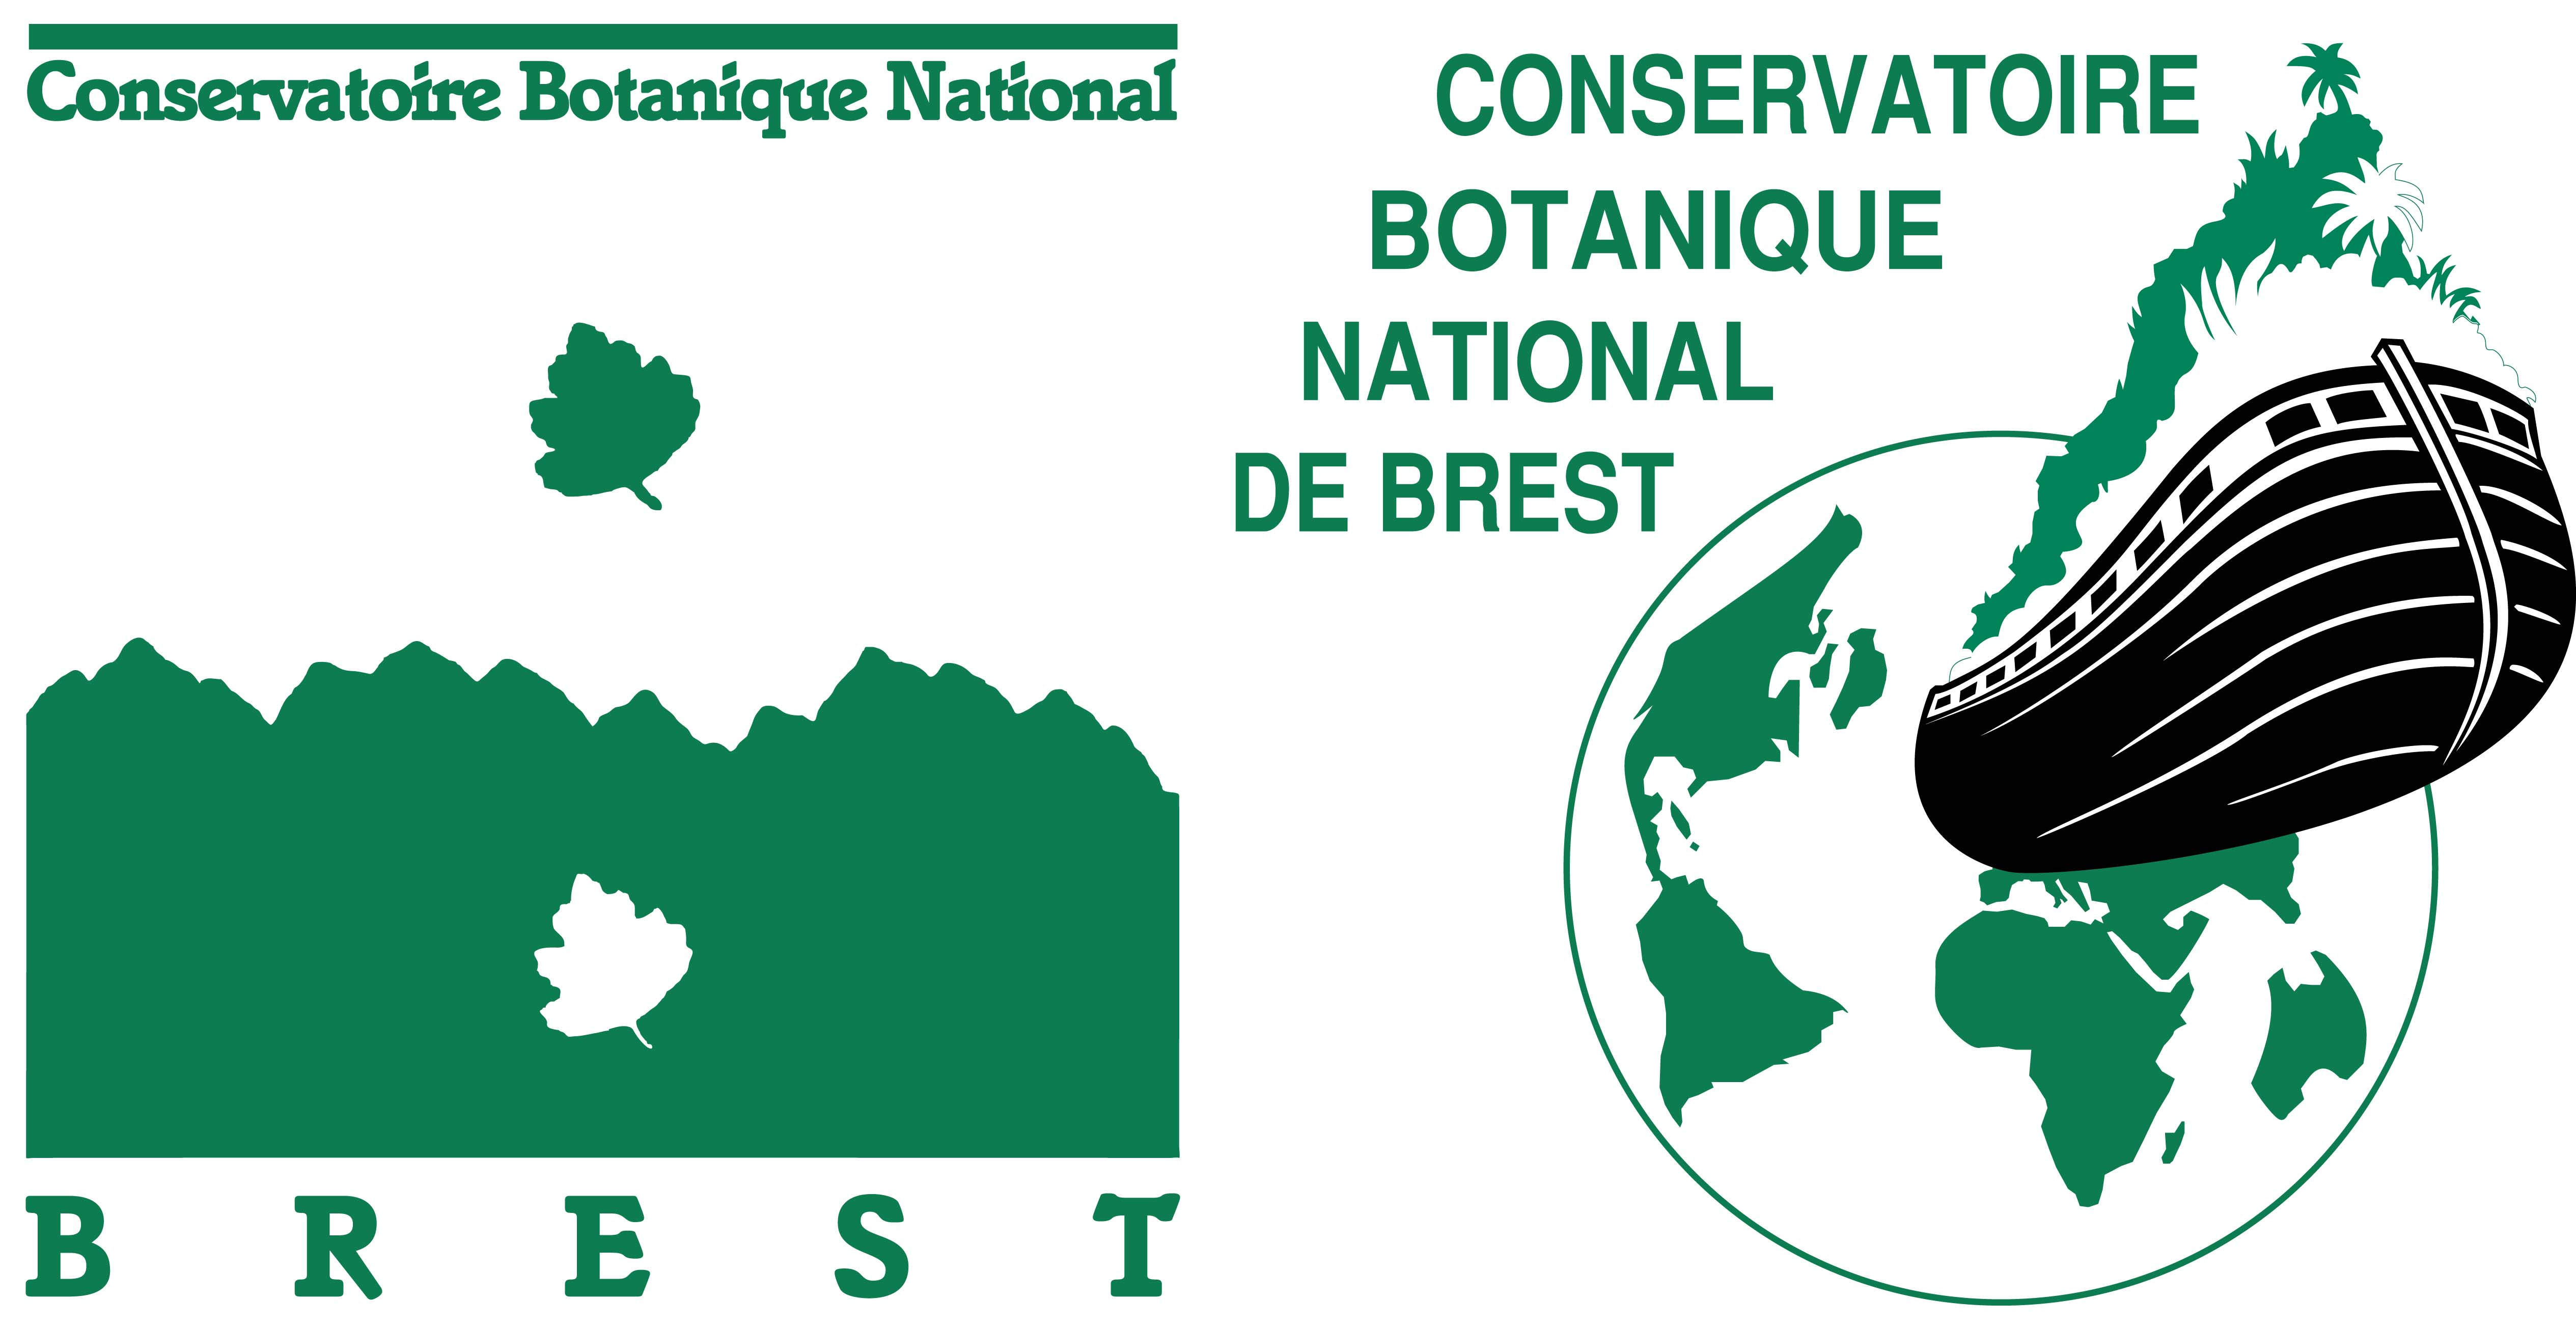 Logo conservatoire botanique de Brest